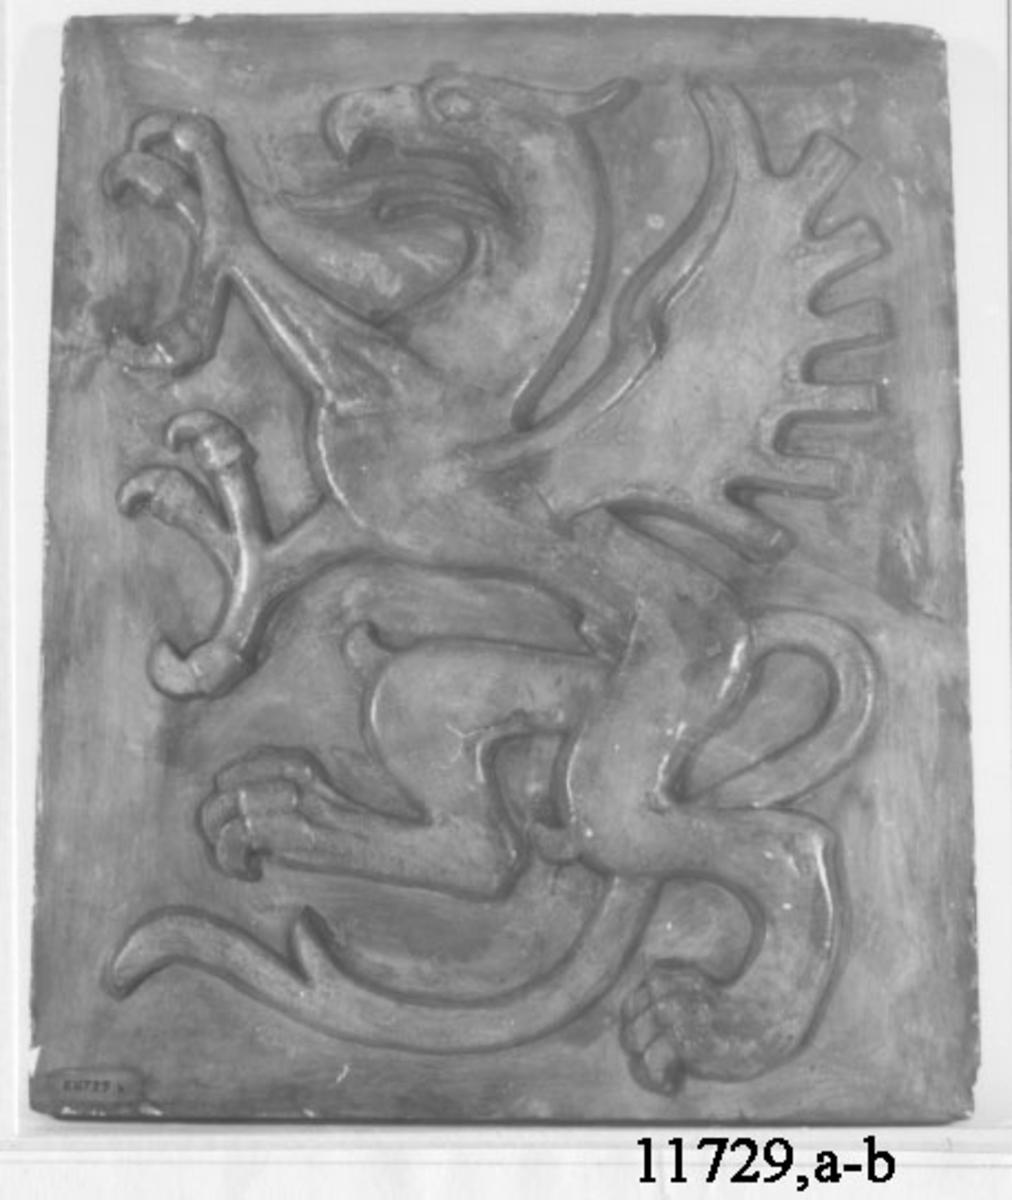 Originalmodell i gips för ubåten Gripen fartygsemblem, Utförd av skulptören Conrad Carlman, född i Karlskrona 16 januari 1891. Reliefen föreställer en grip, stående på bakbenen, färdig till anfall. A: emblem för styrbordssidan. B: emblem för babordssidan.